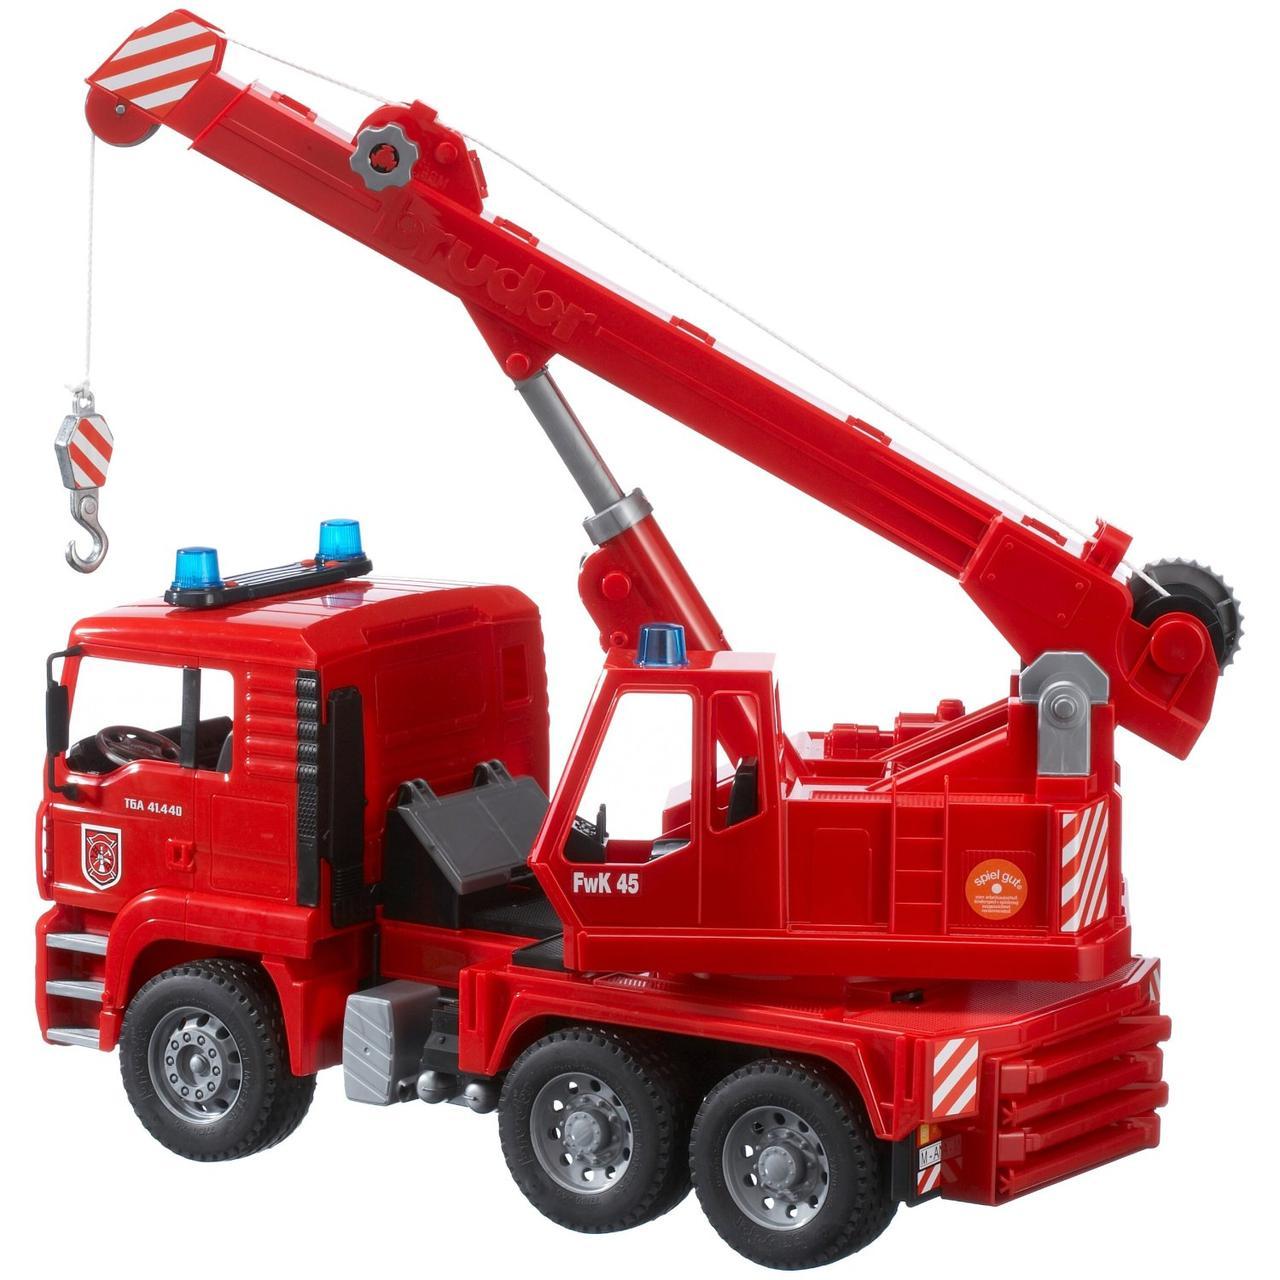 Брудер пожарный автокран Bruder Пожарная машина автокран MAN с модулем со световыми и звуковыми эффектами